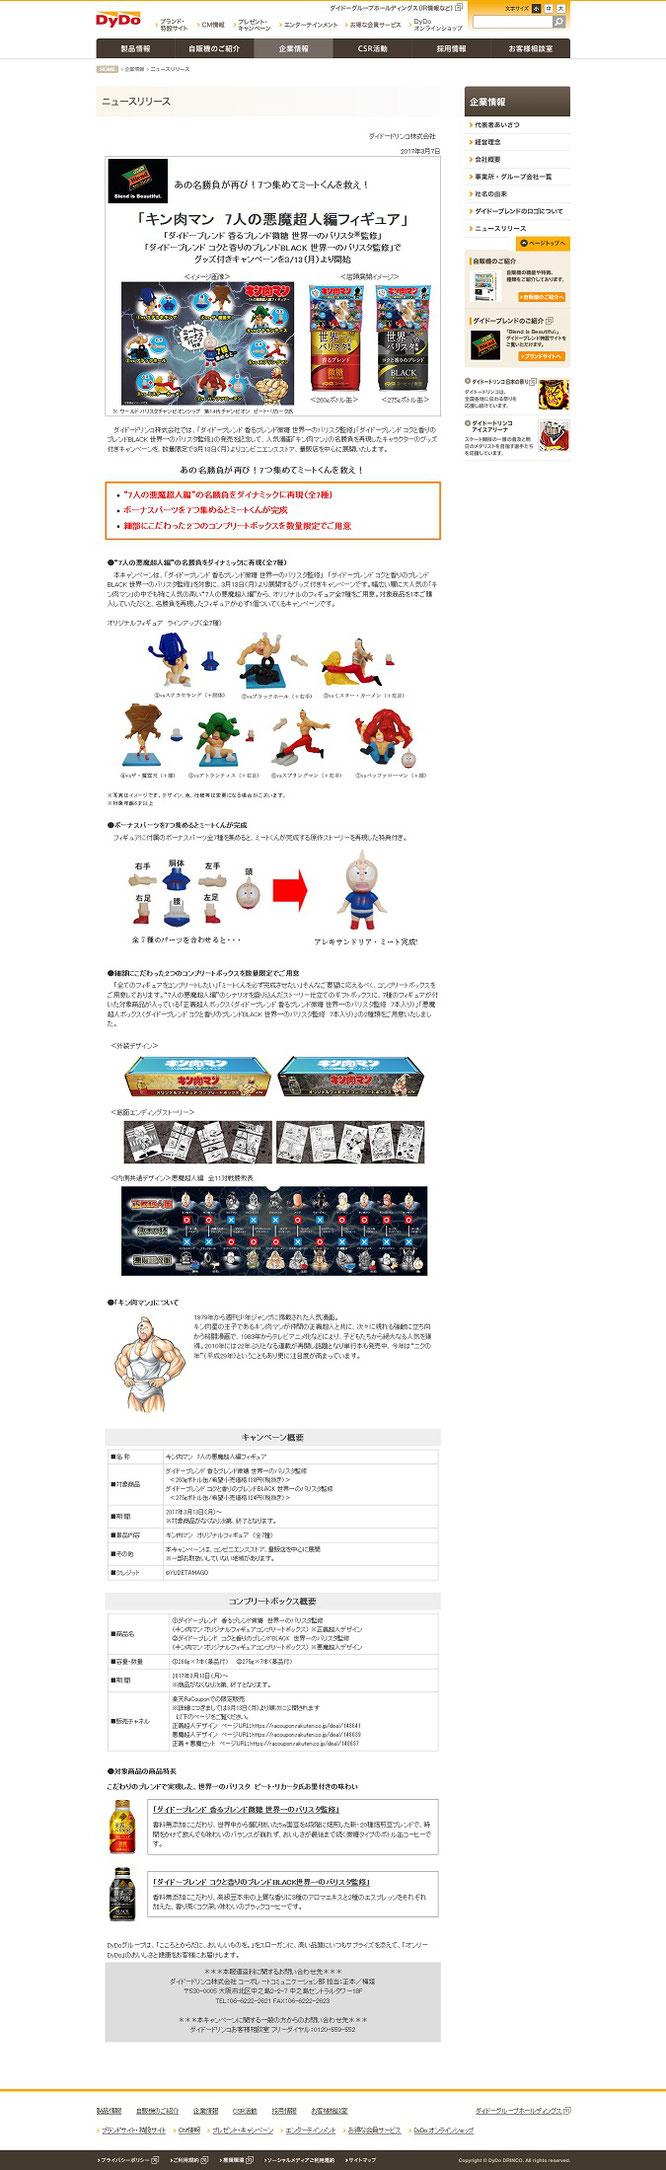 【ダイドー】キン肉マン 7人の悪魔超人編フィギュアキャンペーン